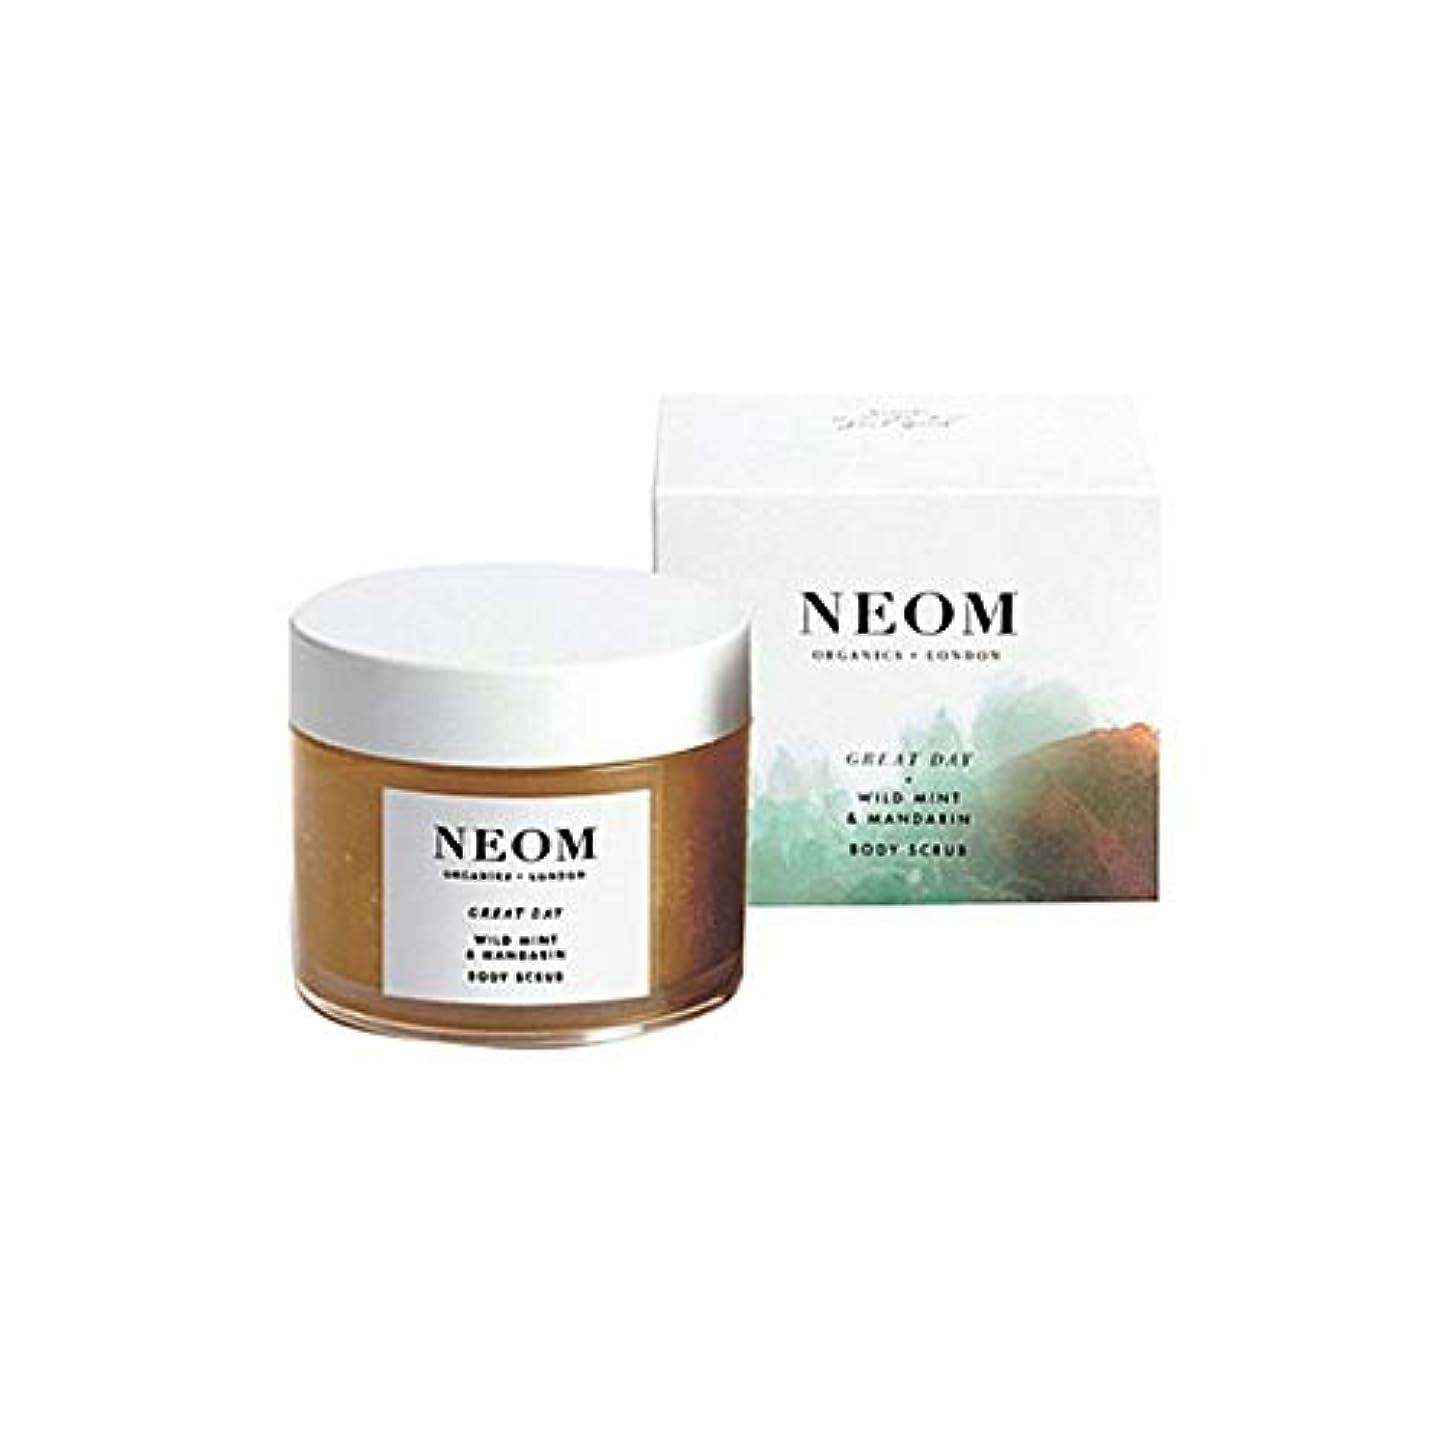 噂欠点成長[Neom] Neom高級有機物素晴らしい一日ボディスクラブ332グラム - Neom Luxury Organics Great Day Body Scrub 332G [並行輸入品]